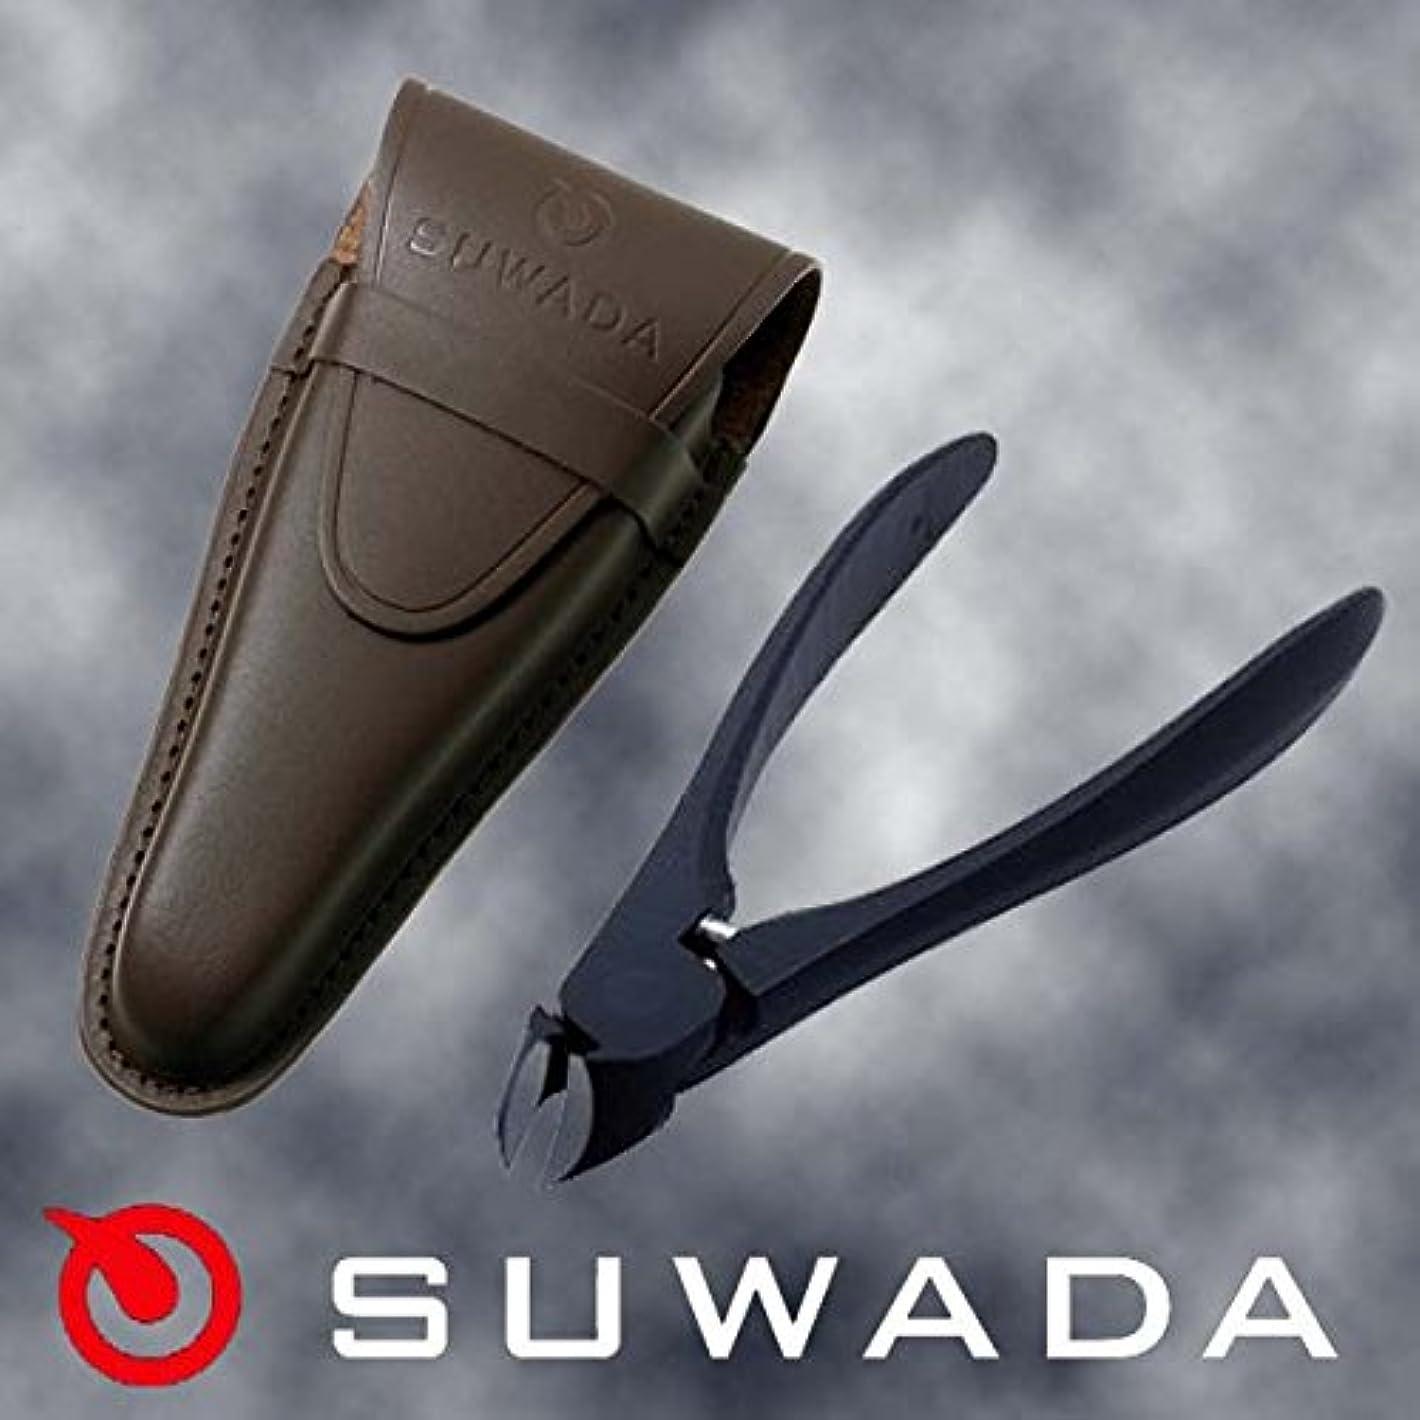 ソーセージ魔術敏感なSUWADA爪切りブラックL&ブラウン革ケースセット 諏訪田製作所 スワダの爪切り